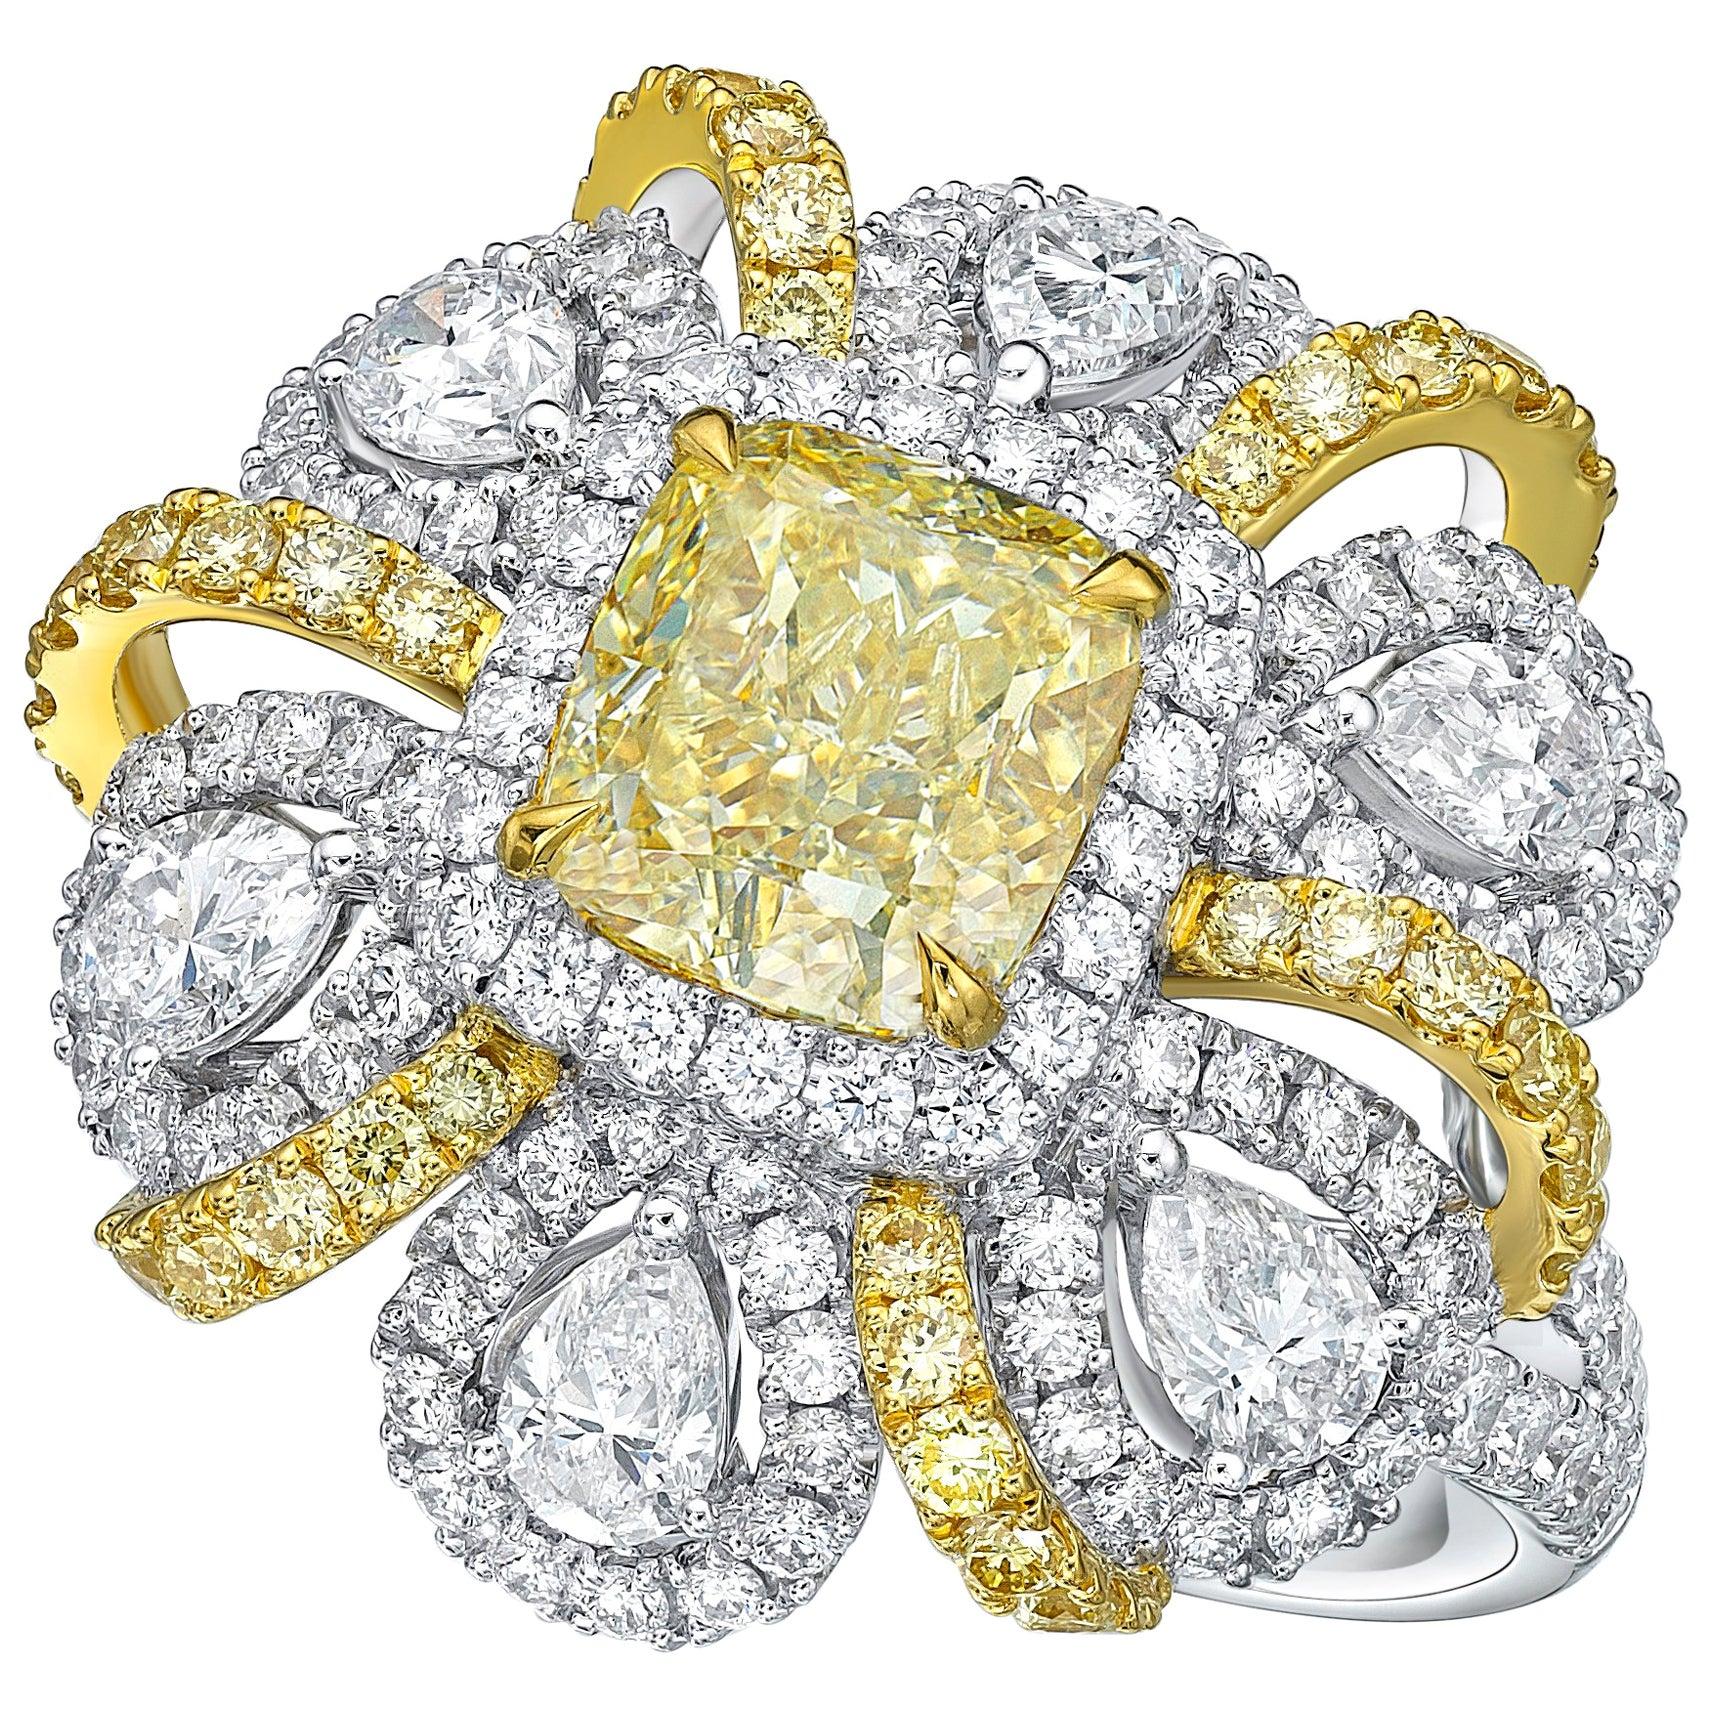 GIA Certified 2.13 Carat VS Quality U-V Diamond Ring